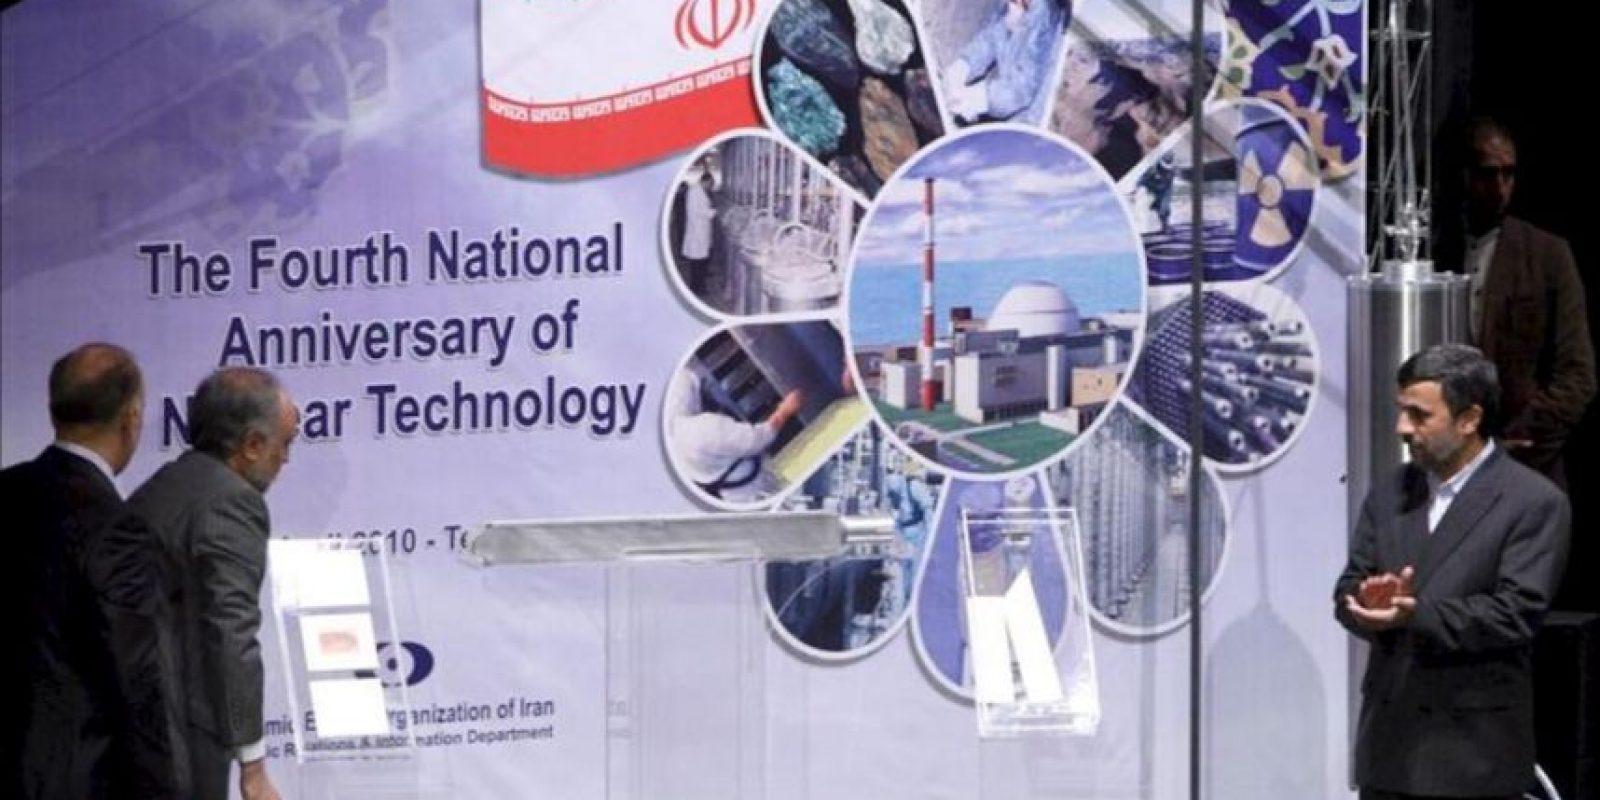 Fotografía de abril de 2010 del presidente iraní, Mahmud Ahmadineyad (d), y el exdirector de la Organización de la Energía Atómica de Irán Ali-Akbar Salehi (2i), durante un acto para desvelar la fabricación de la tercera generación de las centrifugadoras, en Teherán (Irán). EFE/Archivo